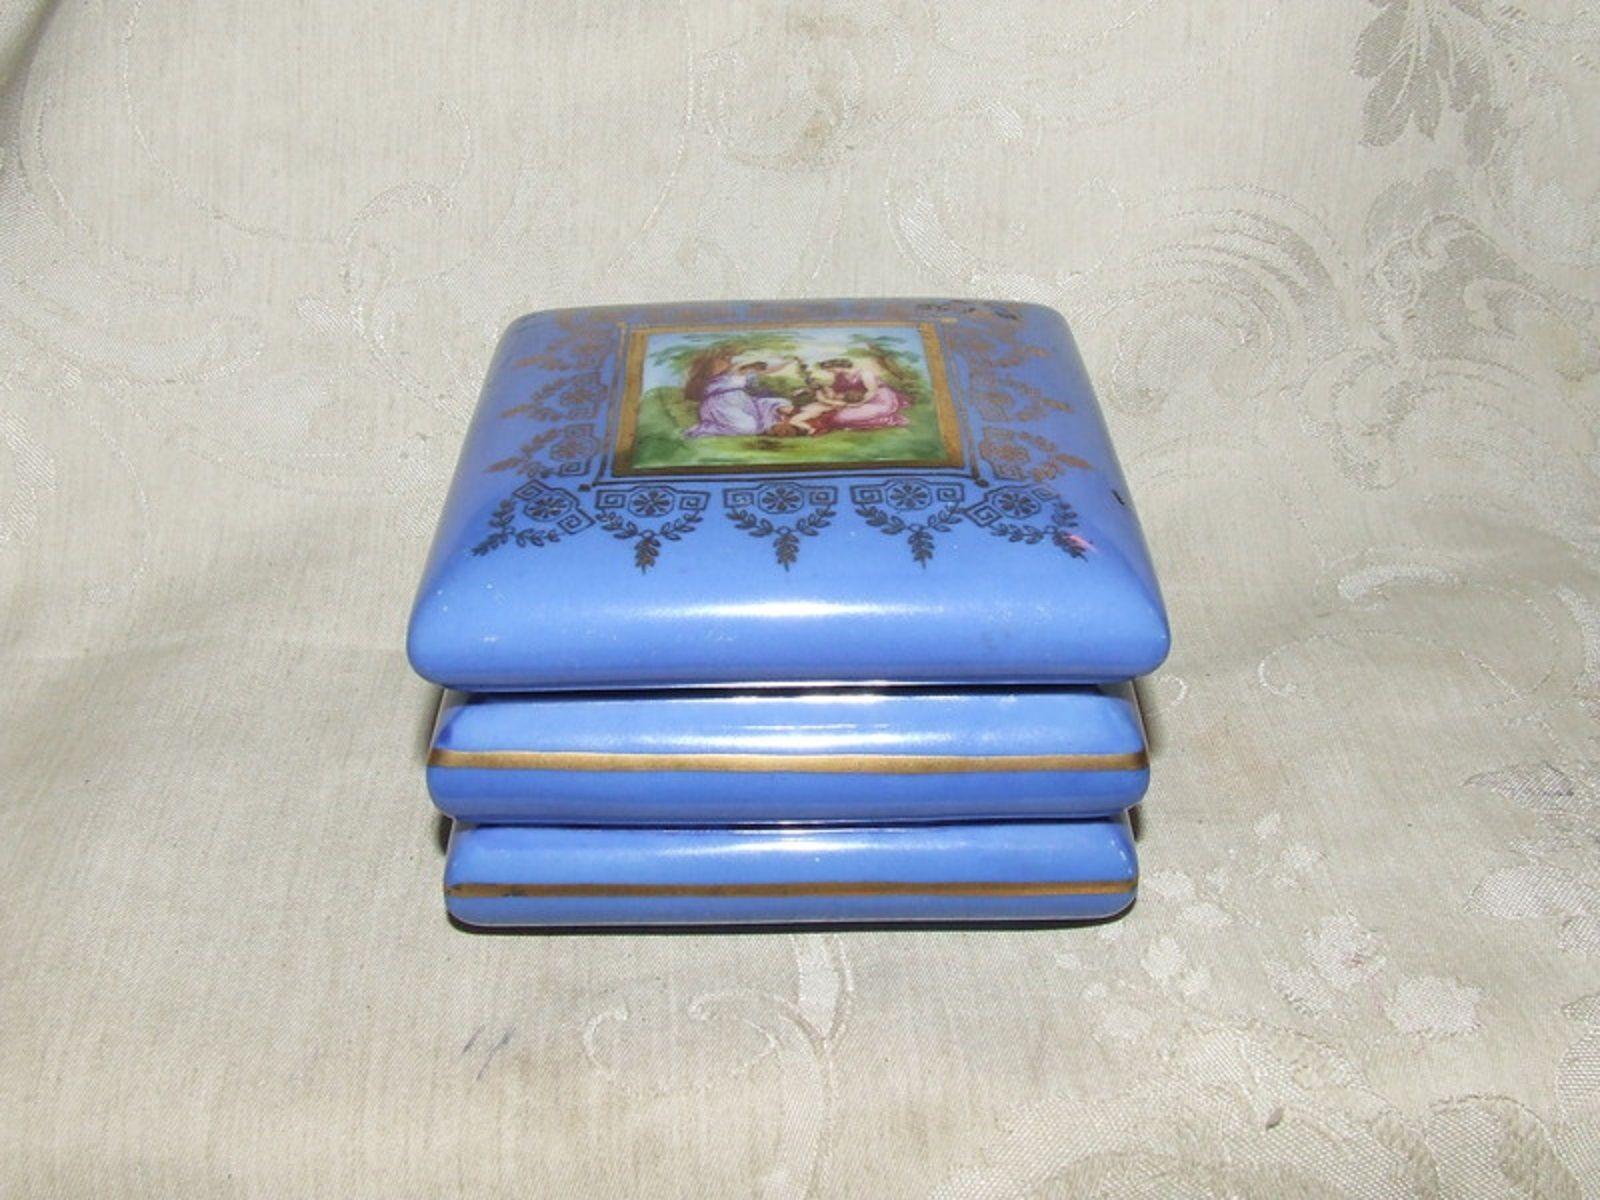 1918 Victoria Czechoslovakia Powder Blue Trinket Box Angelica Kauffman Transfer